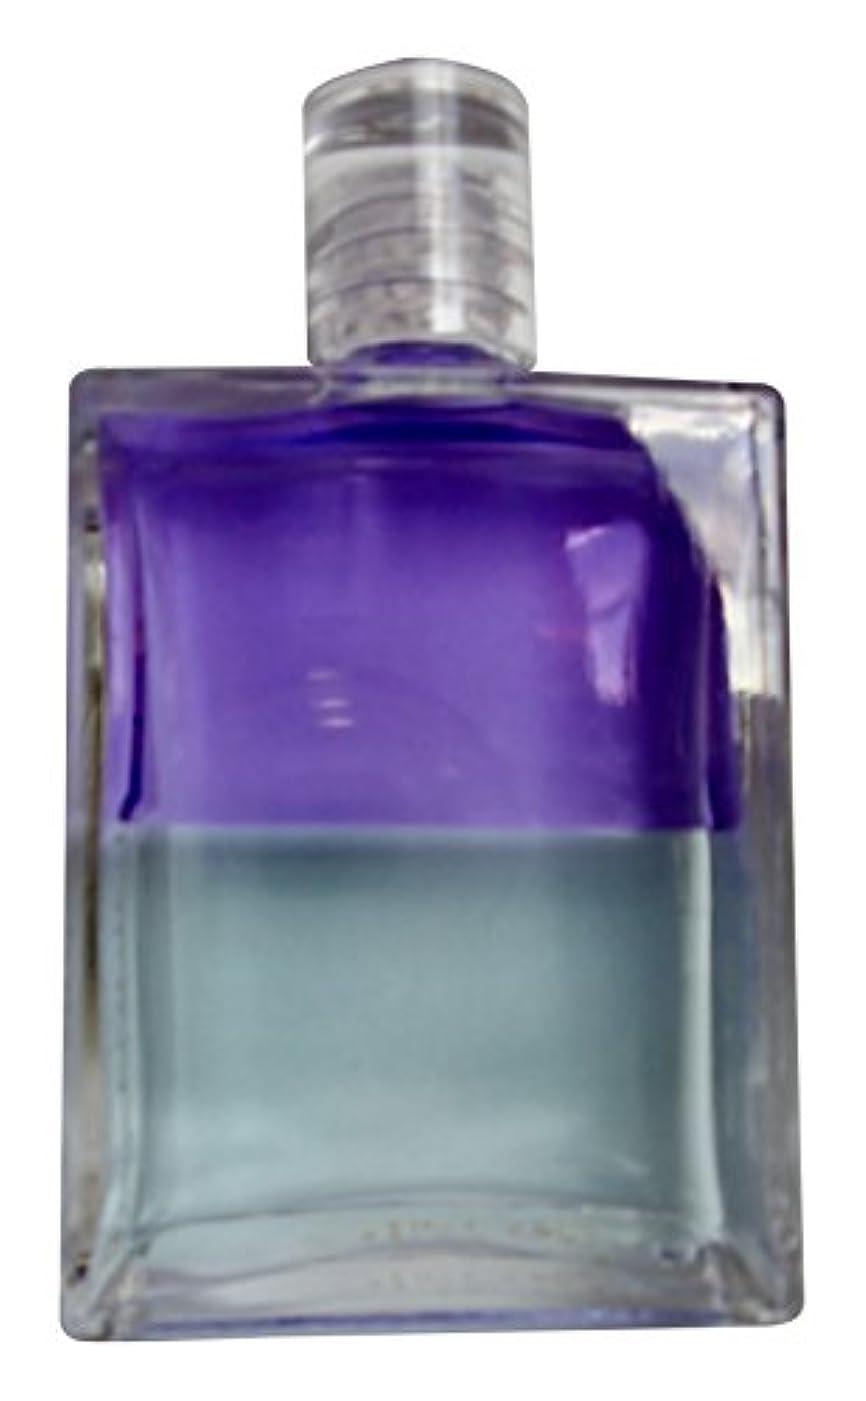 ビルネット石鹸B44守護天使 オーラーソーマ イクイリブリアムボトル